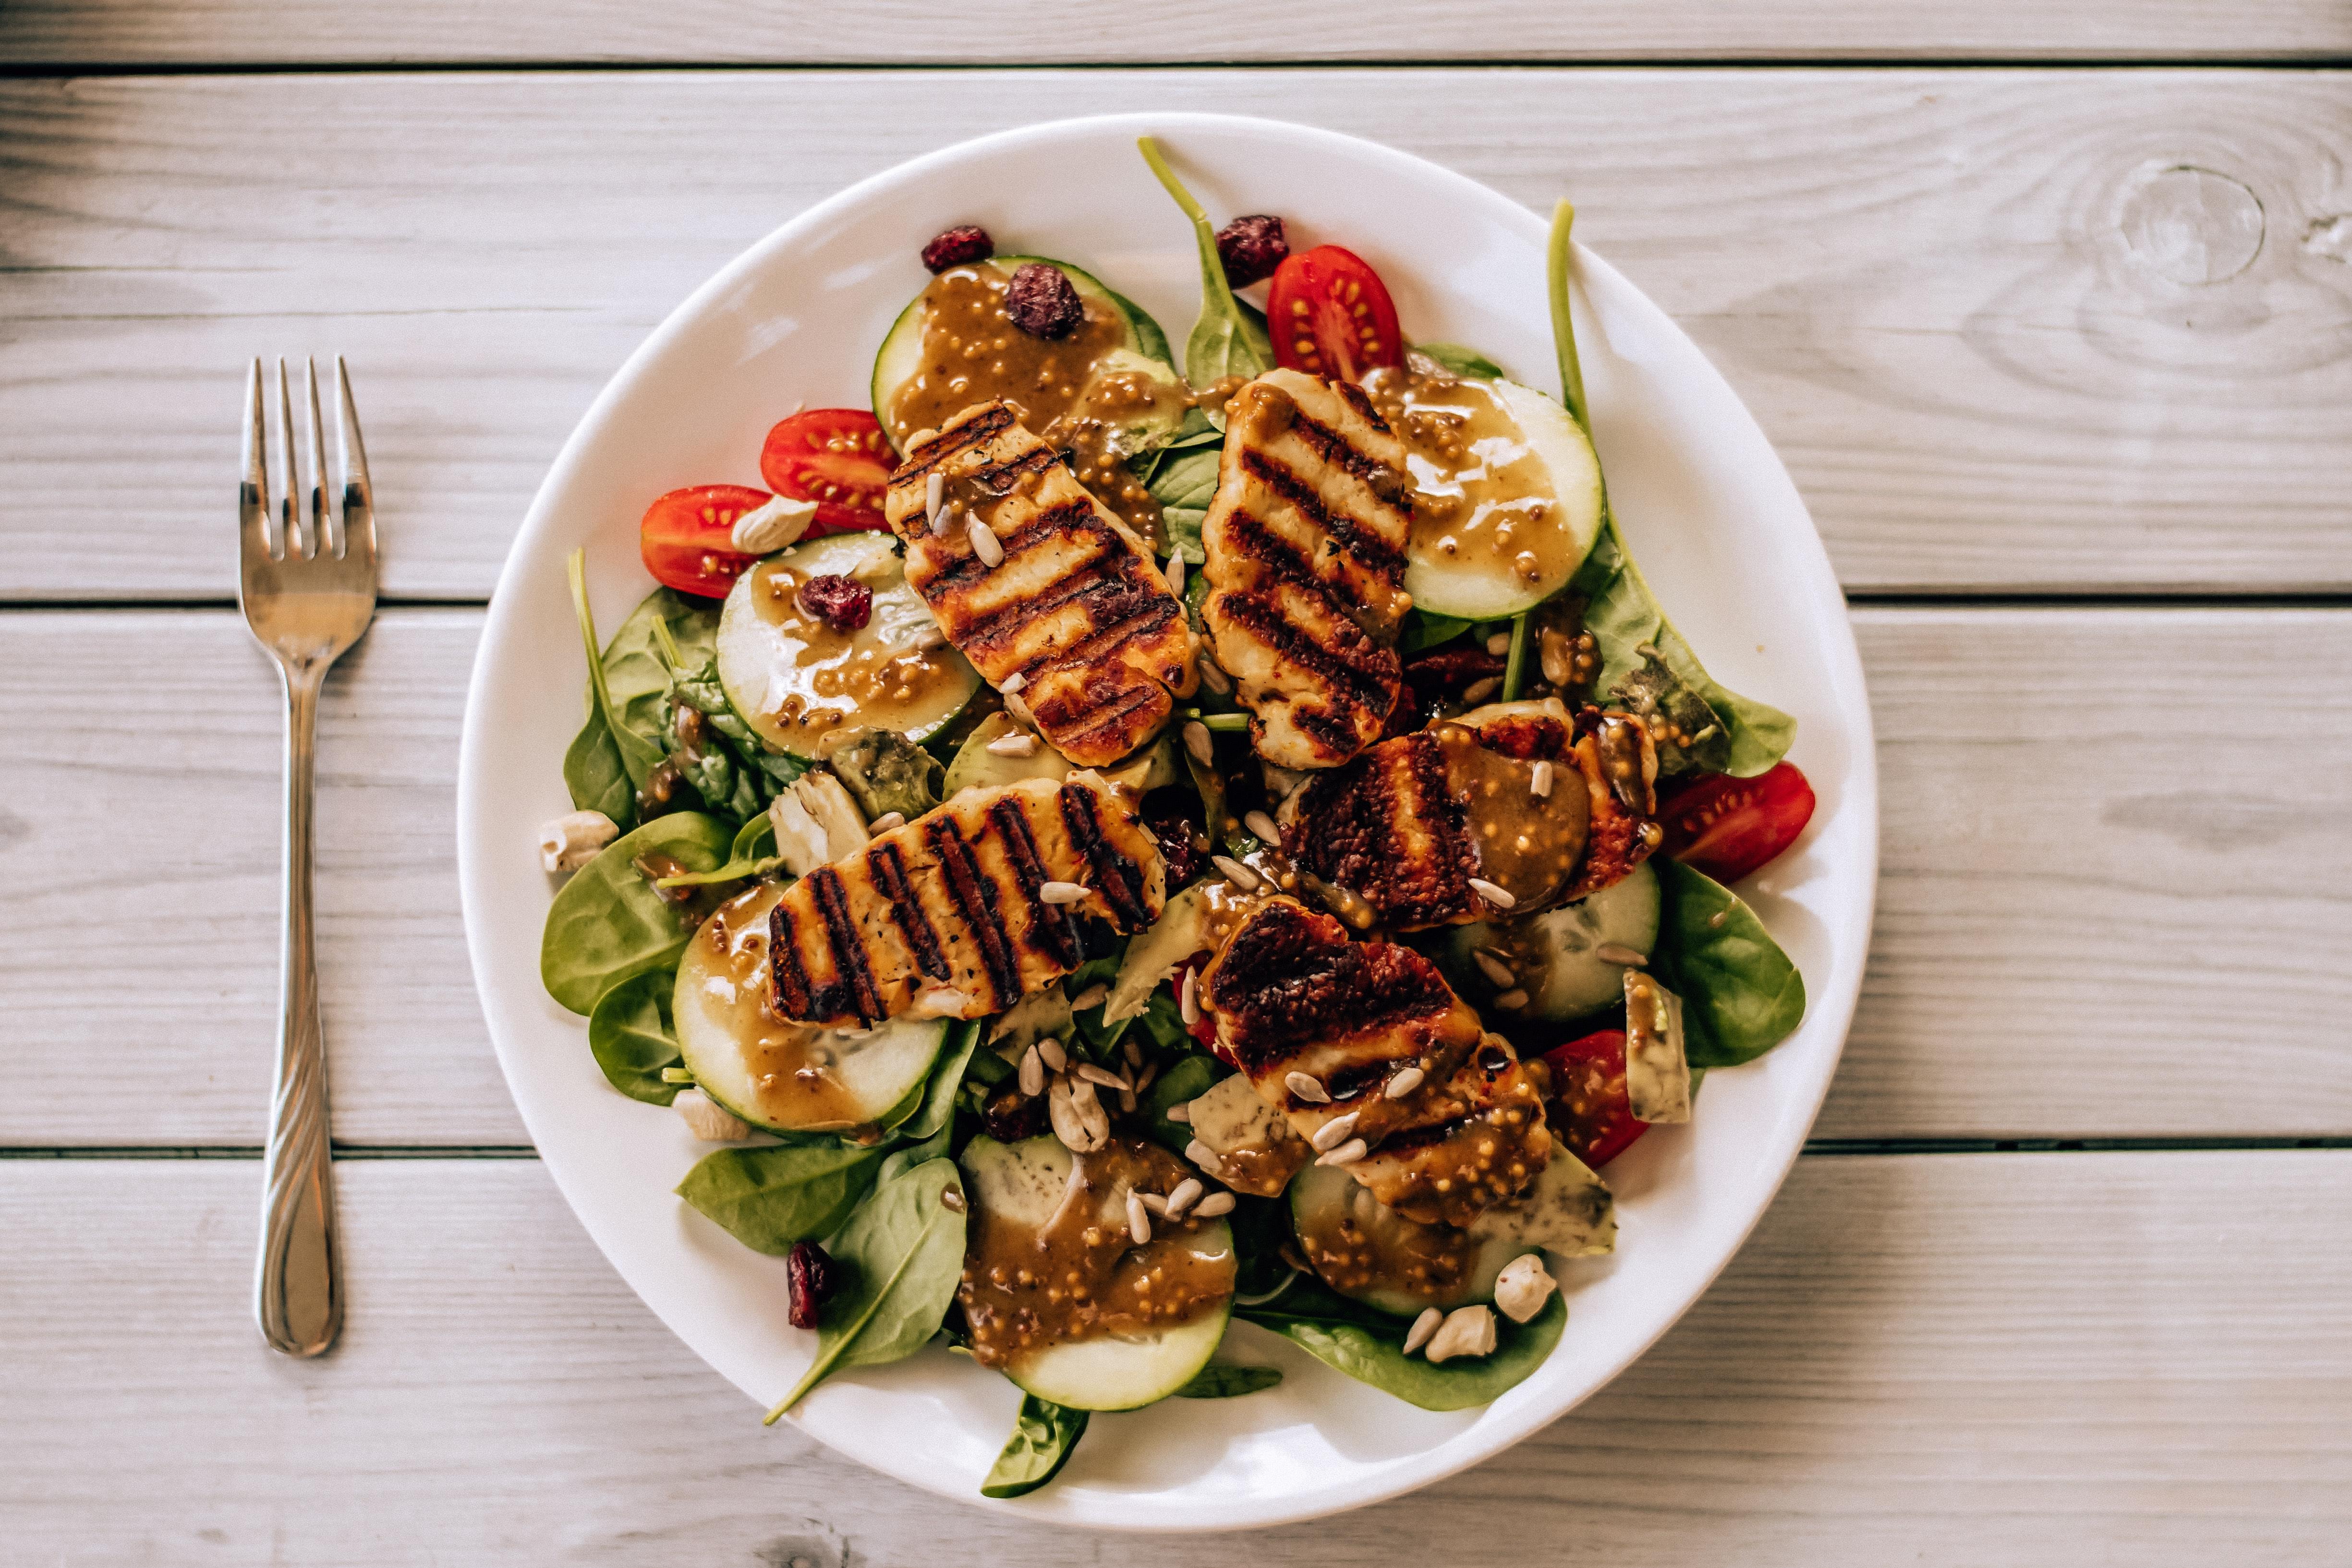 Zdravá výživa pomáhá léčit